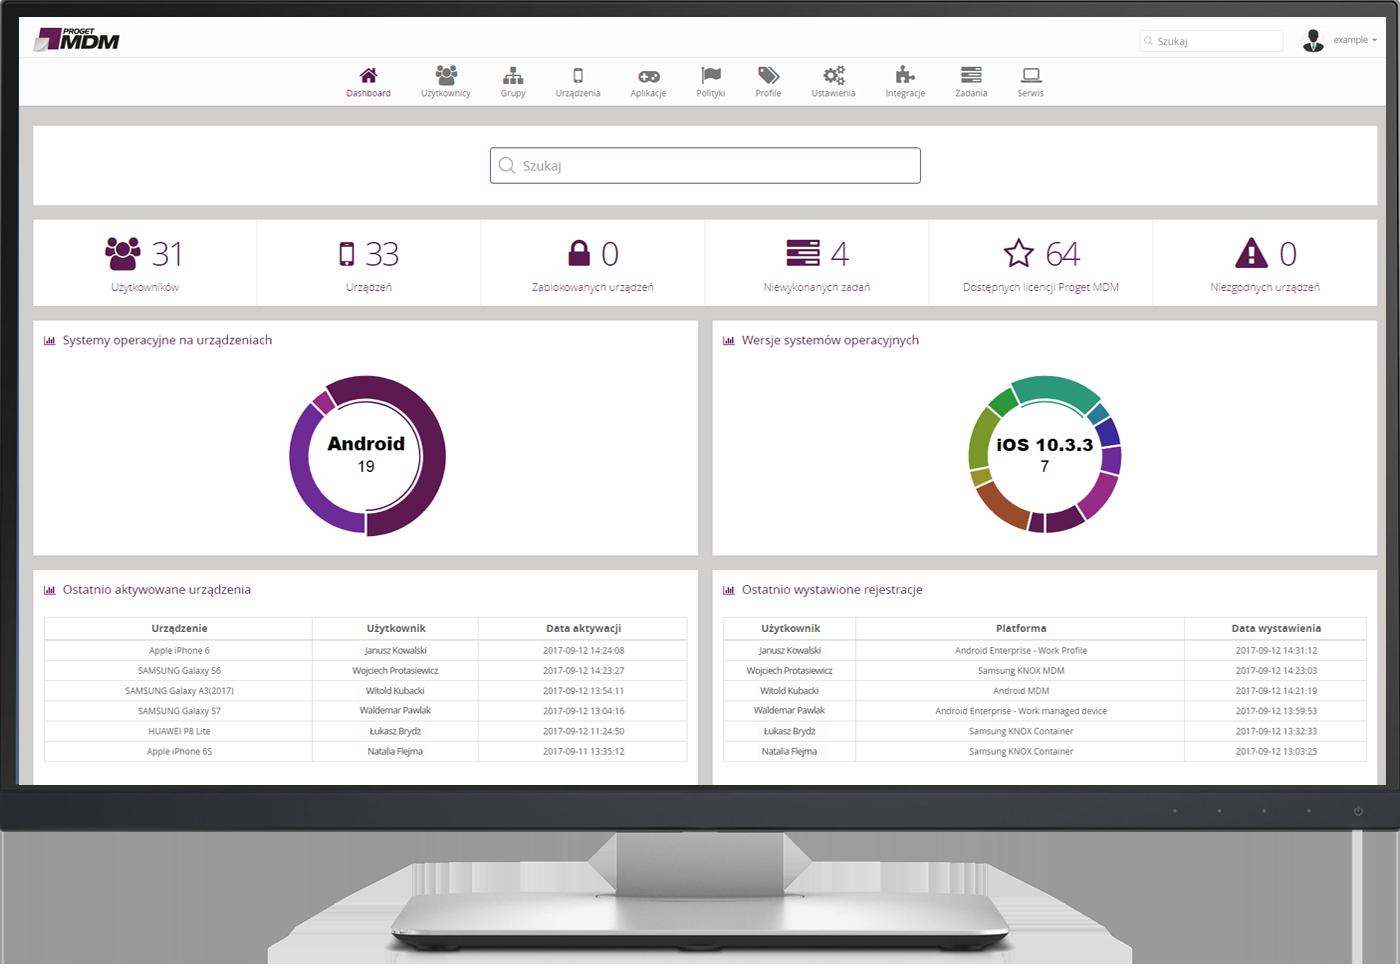 MDM Proget: konsola zarządzania